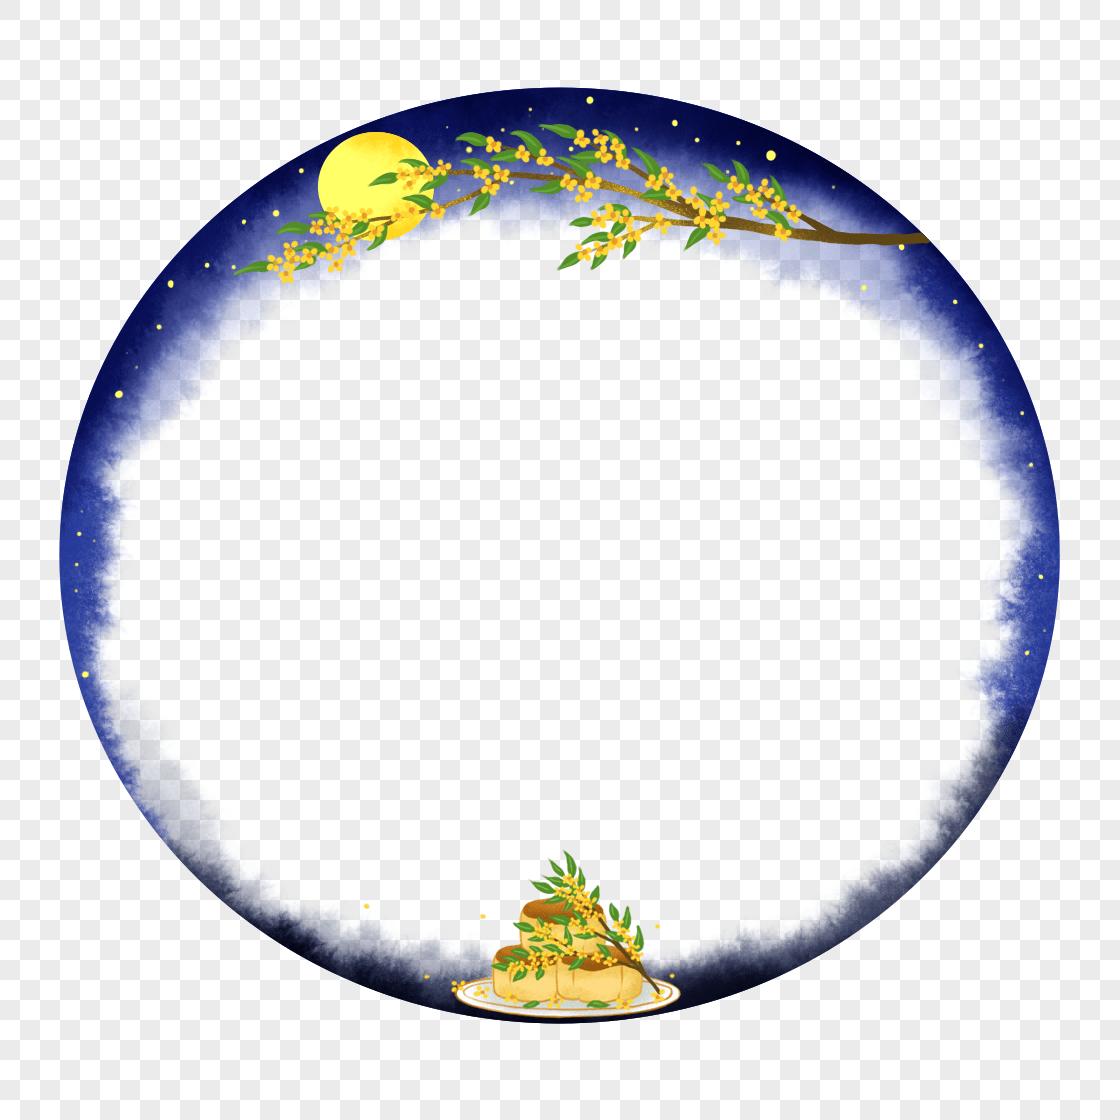 圓形中秋邊框PSD圖案素材免費下載 - 尺寸1100 × 1100px - 圖形ID401606896 - Lovepik